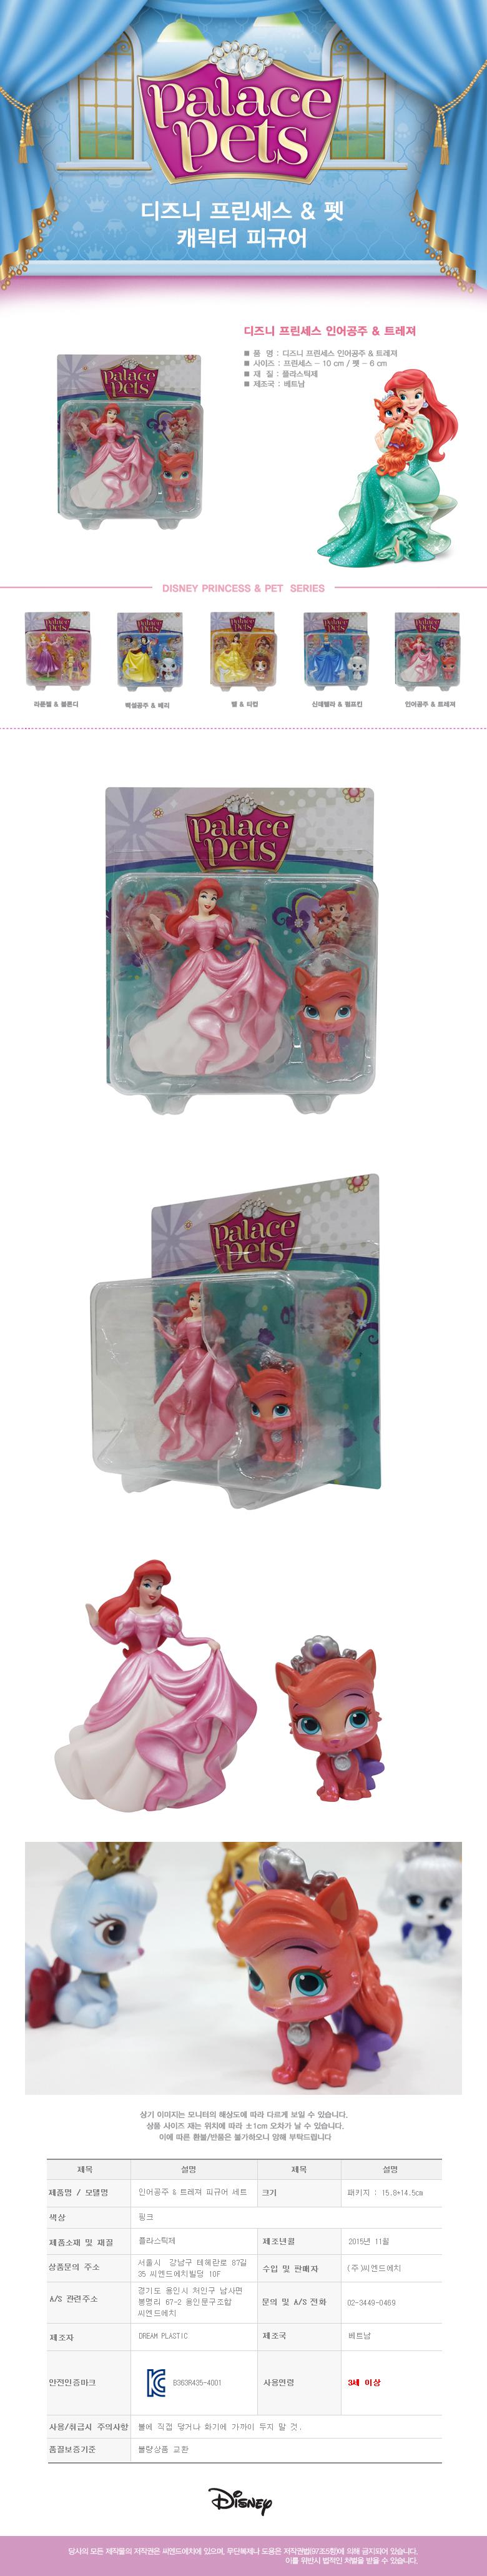 디즈니 프린세스 인어공주 트레져 캐릭터 피규어SET - 씨엔드에치, 12,000원, 캐릭터 피규어, 기타 캐릭터피규어